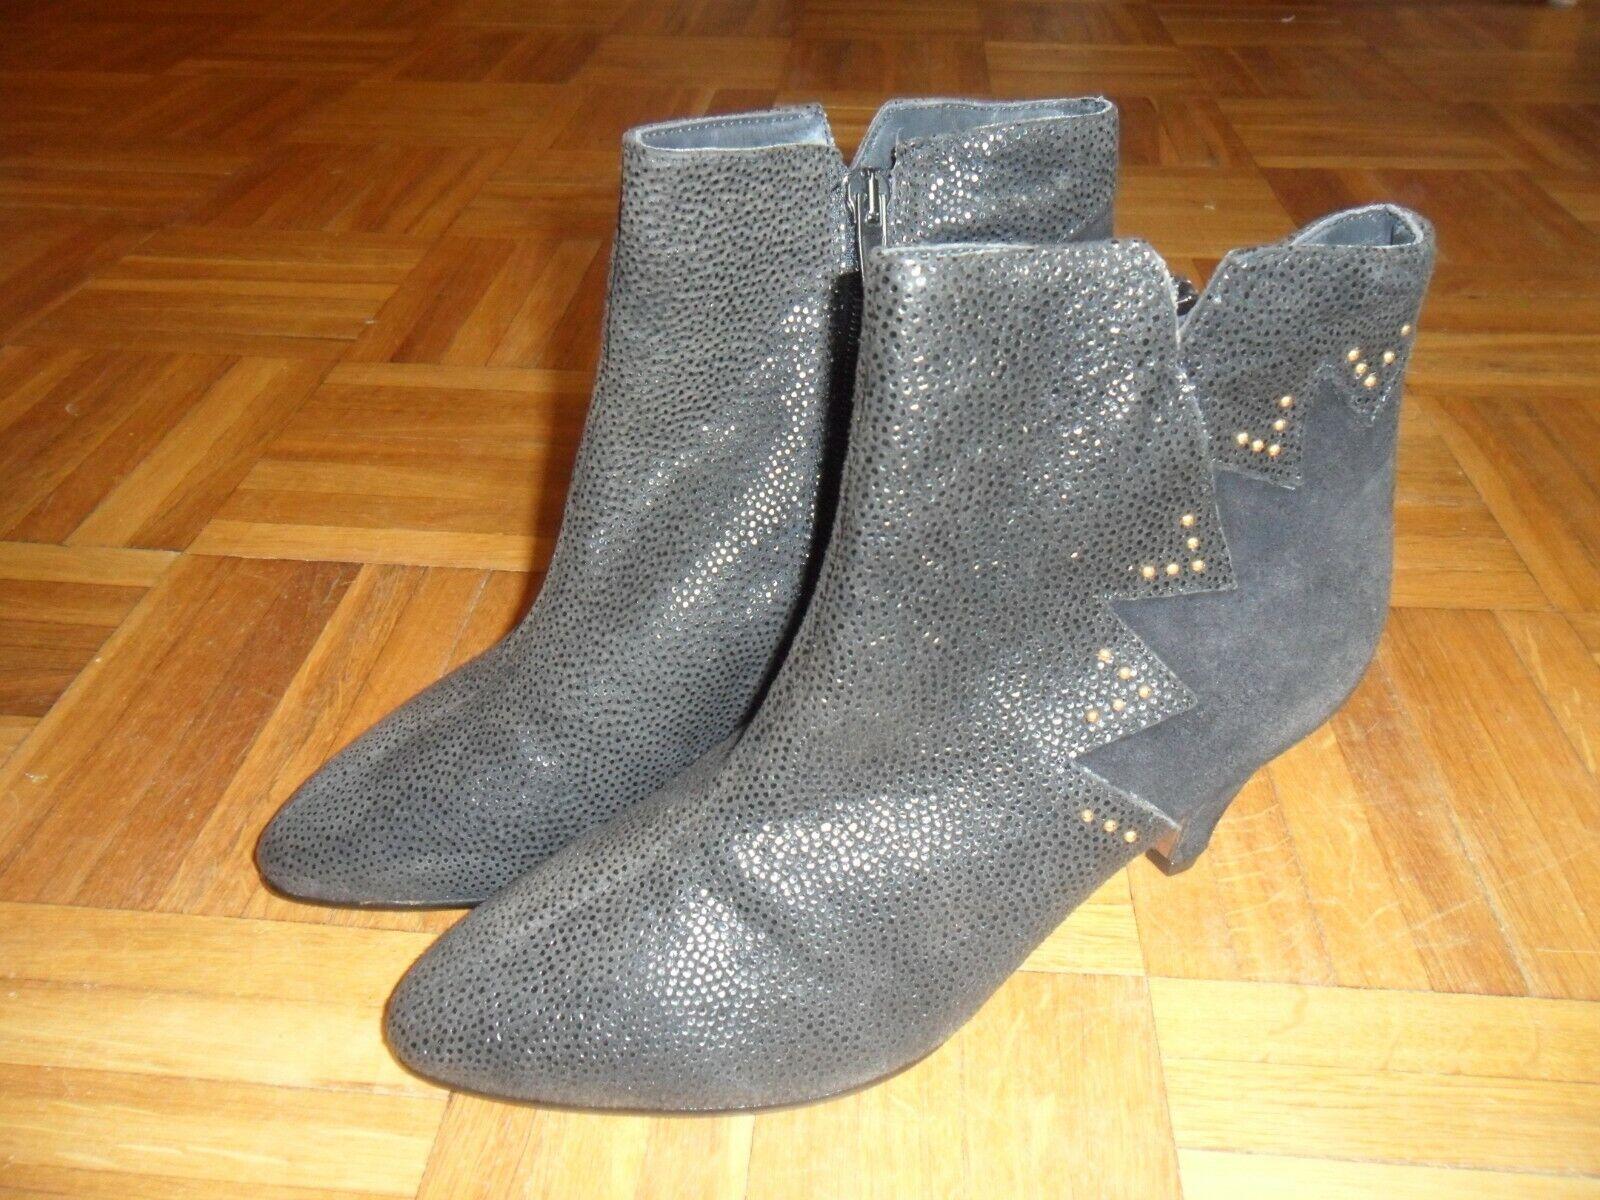 Afis - Damenschuhe - Stiefeletten - Größe 38 - Absatz  6,5 cm - Vintage - Leder